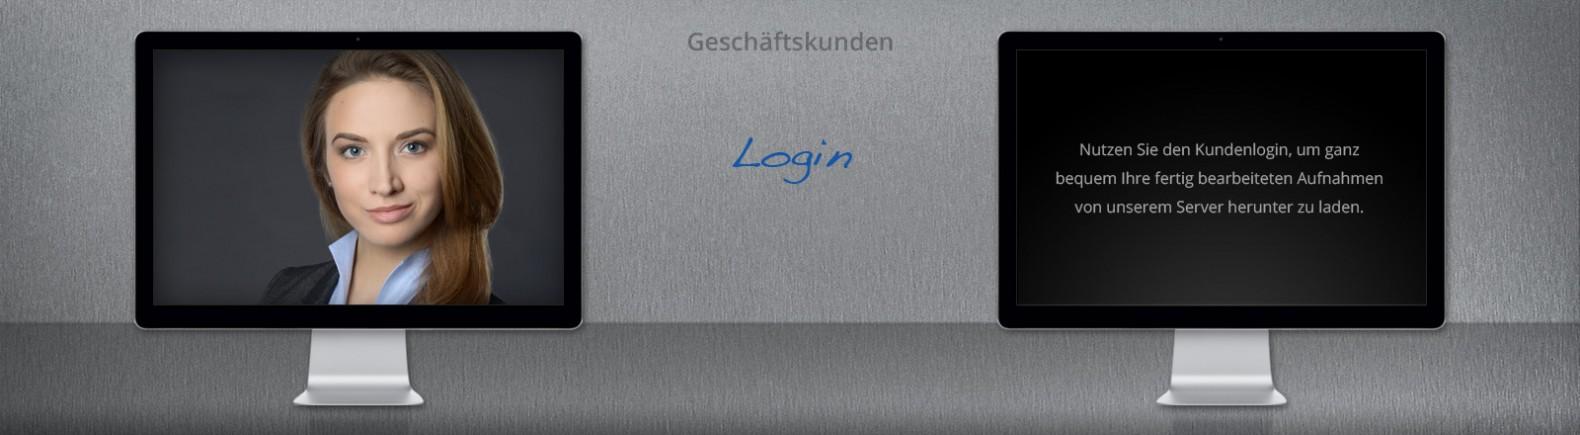 06_01_login_business.fotostudio-schloen-duesseldorf.de